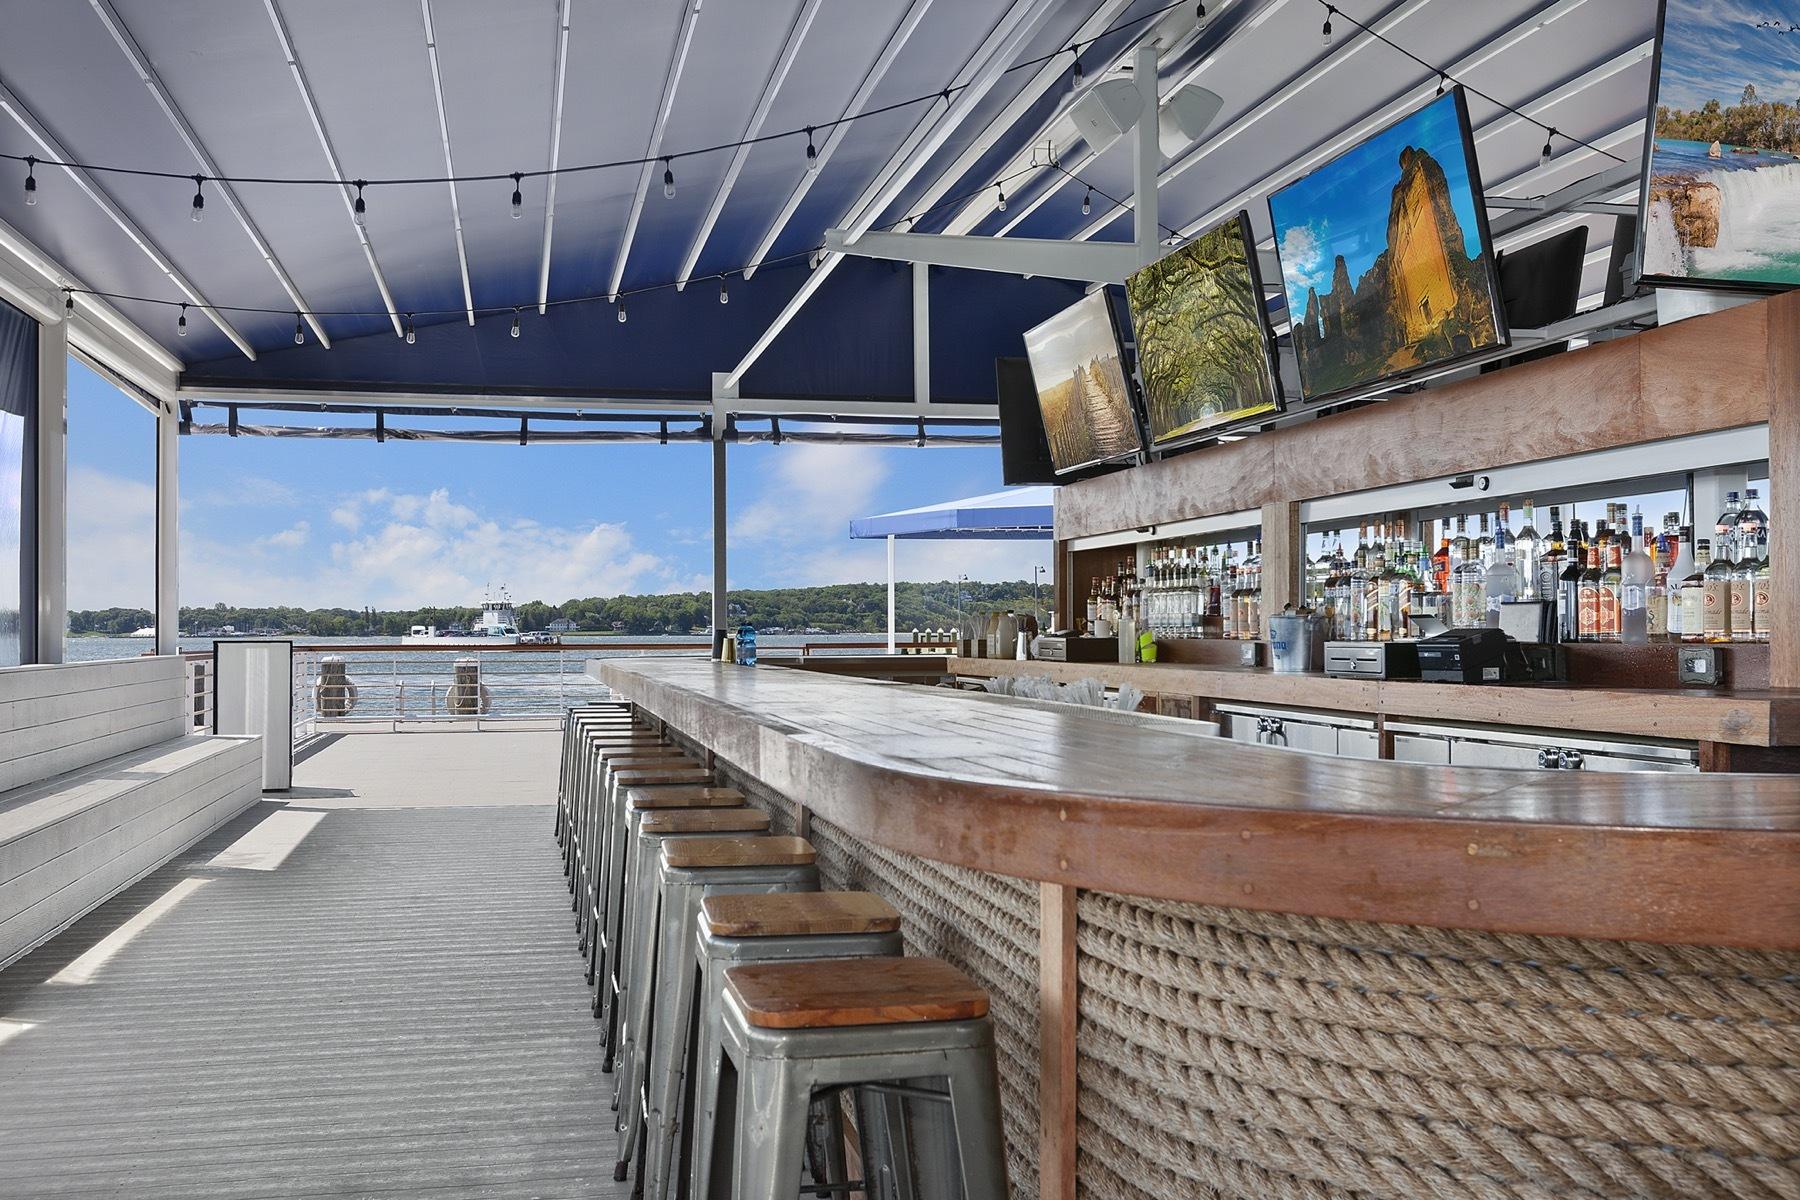 Claudio's Waterfront restaurant in Greenport.